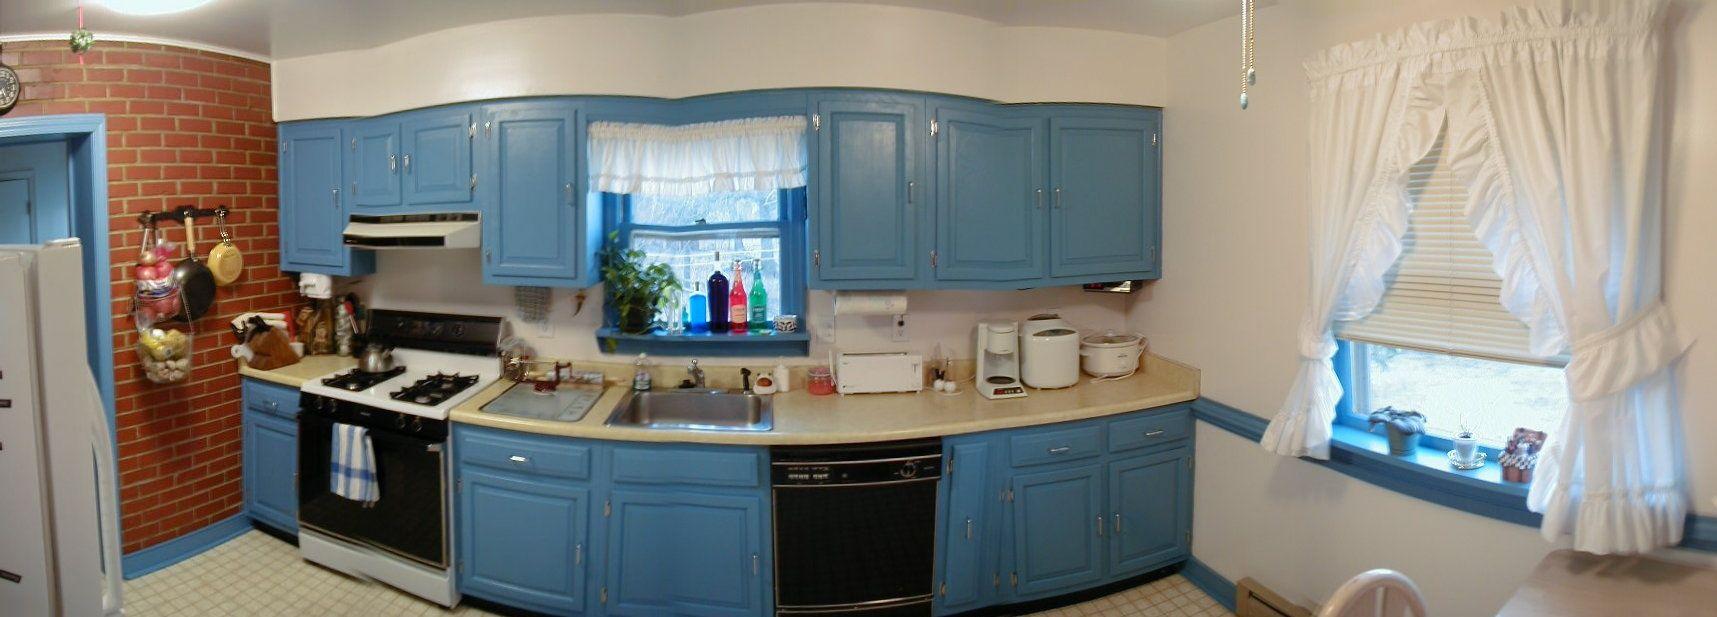 Marvelous Blue Kitchen Decor Inspirations : Gorgeous Blue Kitchen ...